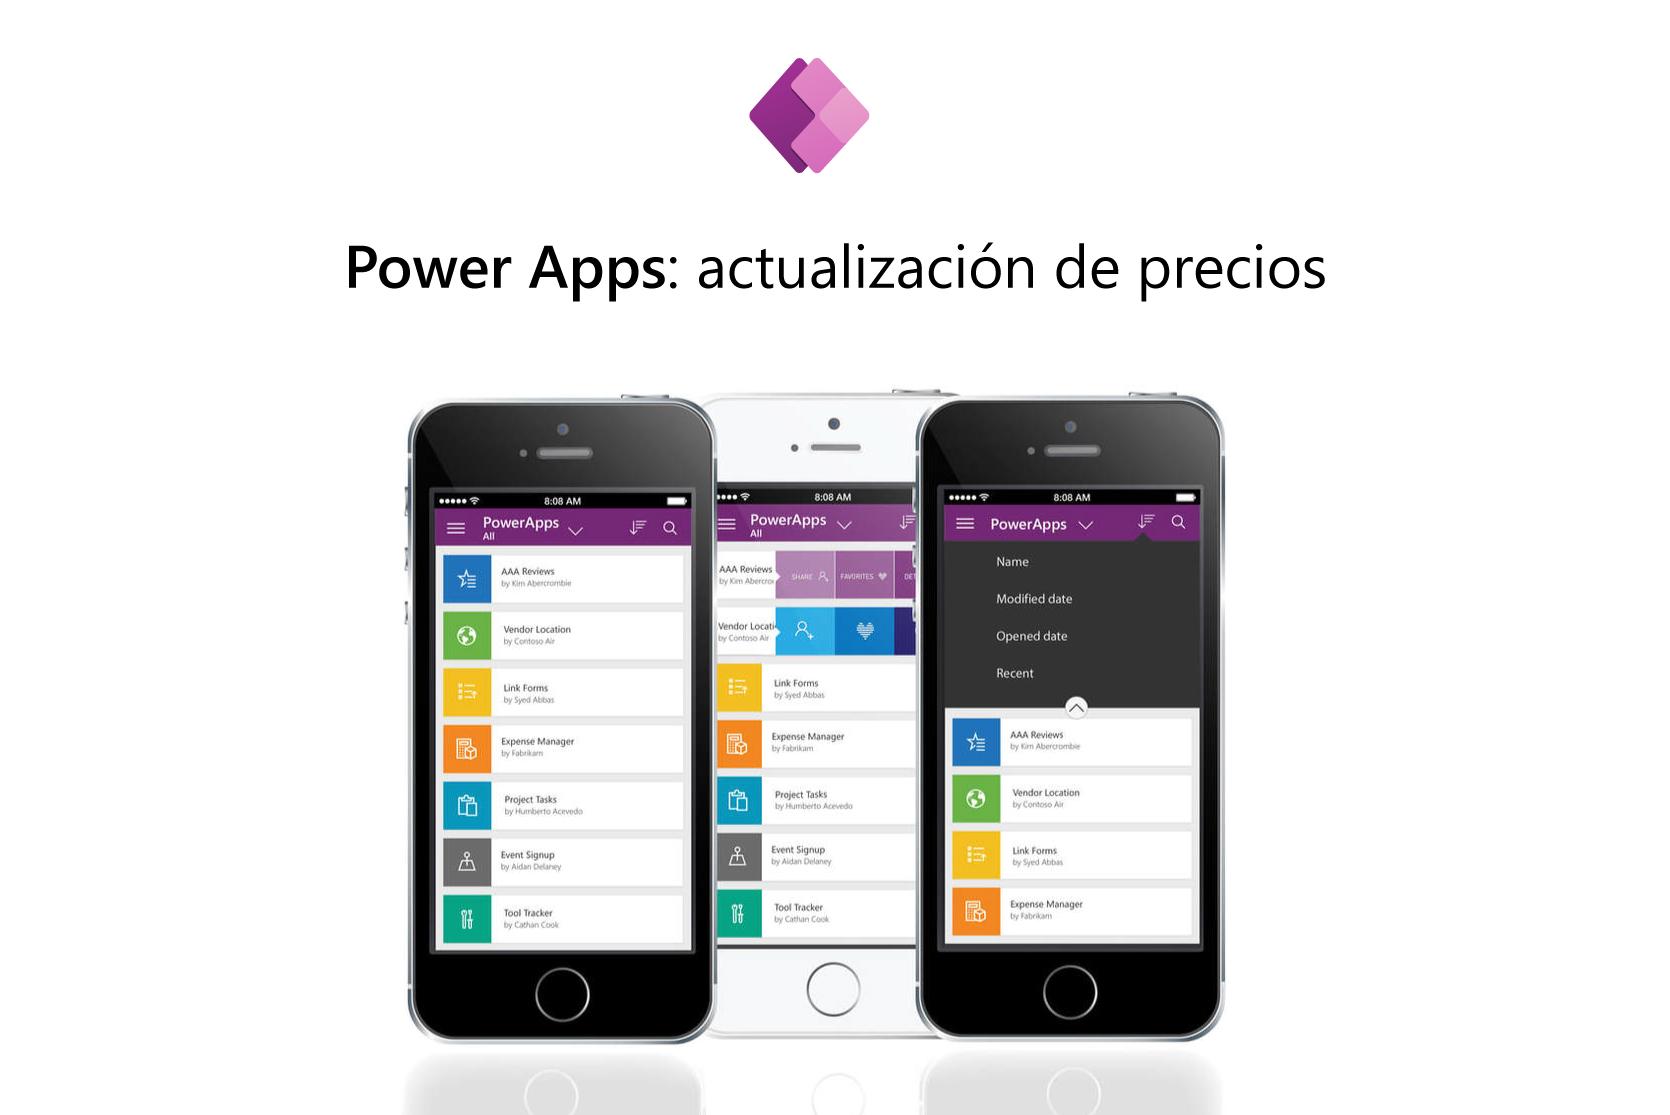 Nuevos precios de Power Apps - en la imagen dos teléfonos móviles con la plataforma en pantalla